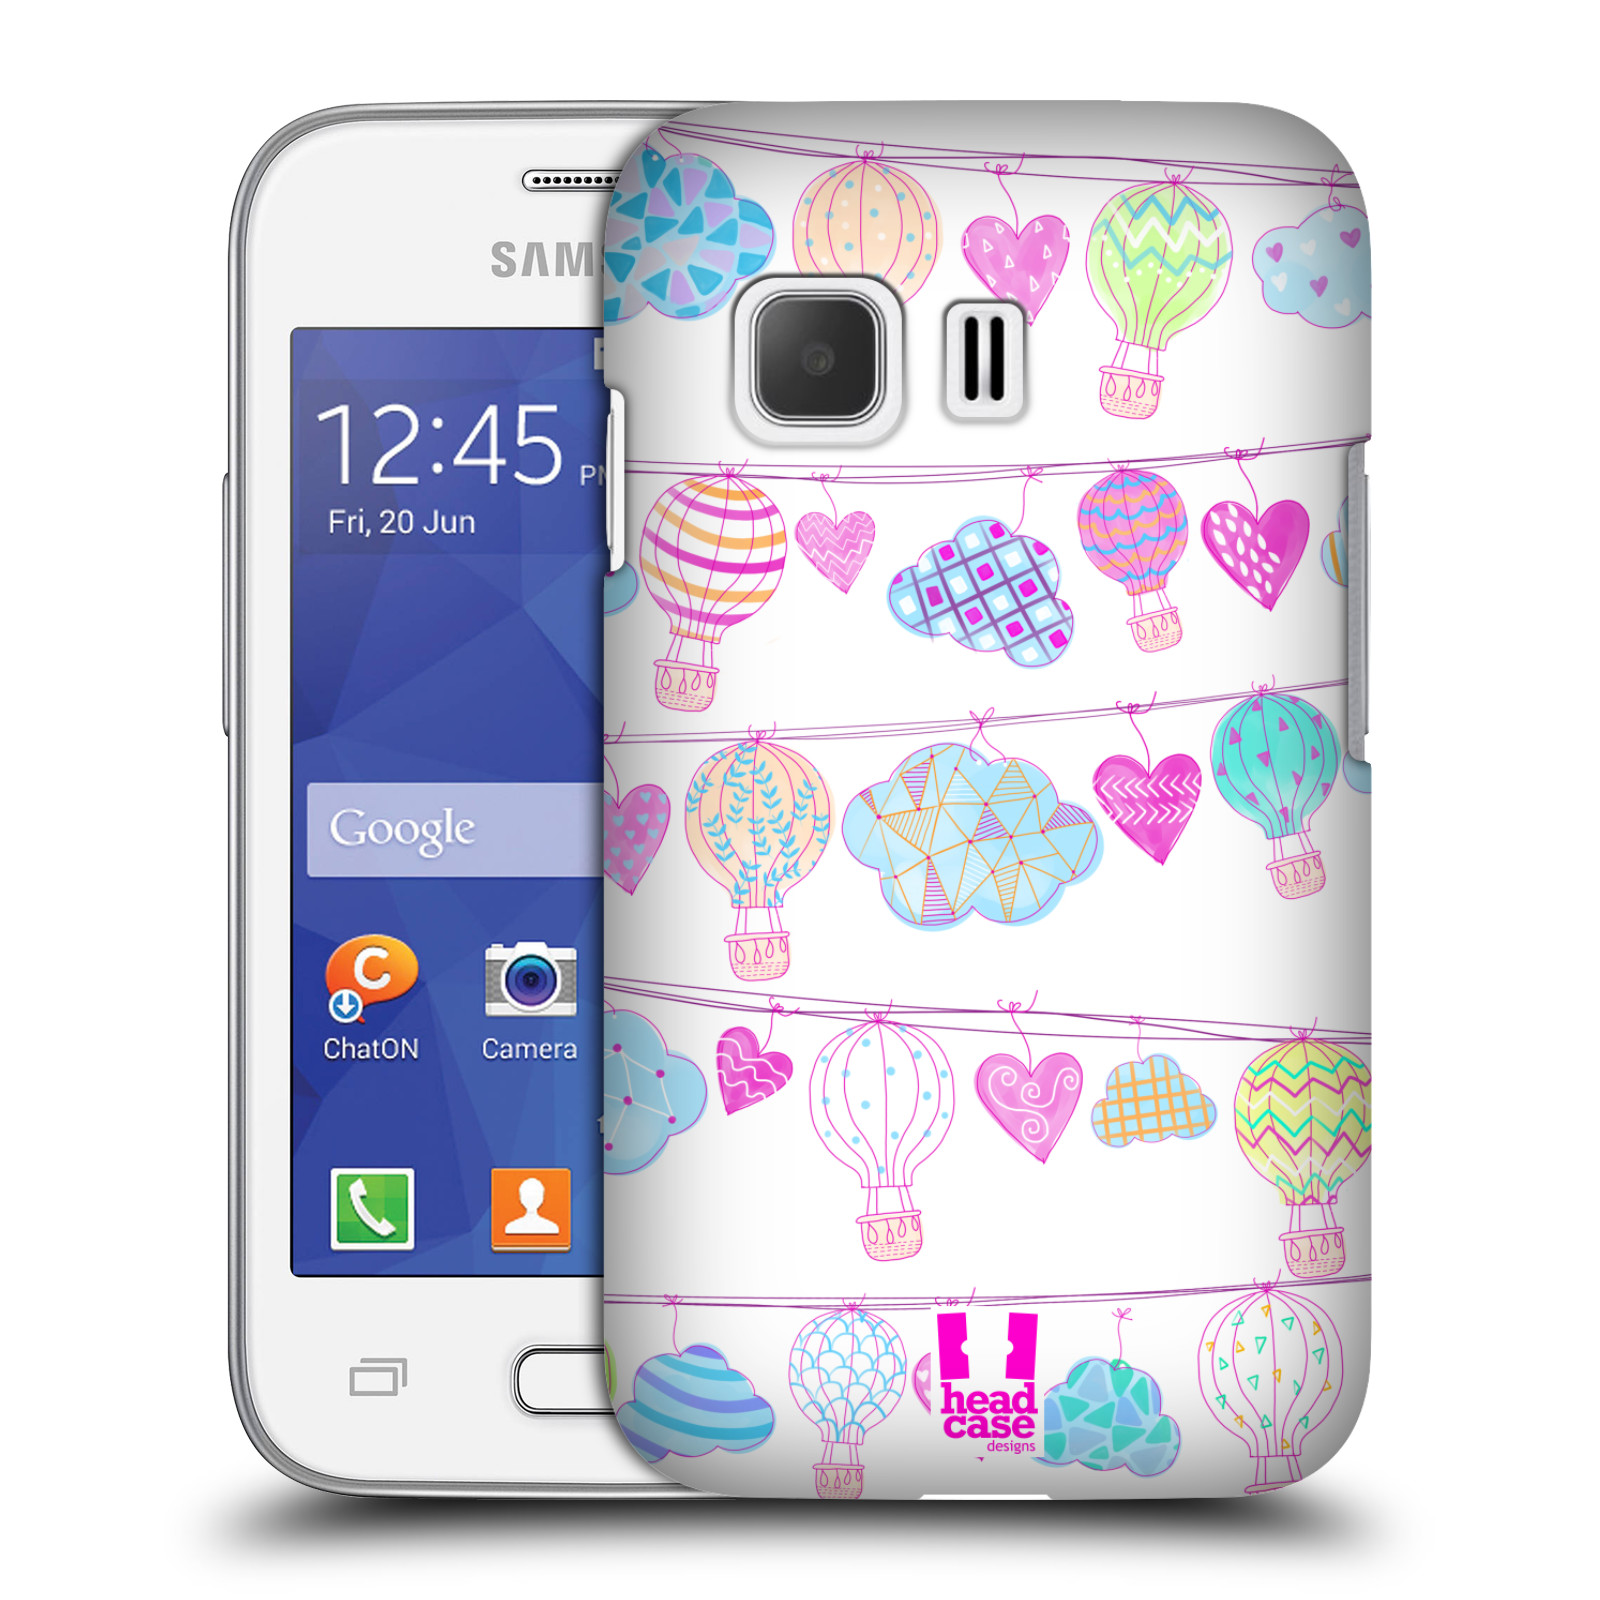 Plastové pouzdro na mobil Samsung Galaxy Young 2 HEAD CASE Balóny a srdíčka (Plastový kryt či obal na mobilní telefon Samsung Galaxy Young 2 SM-G130)